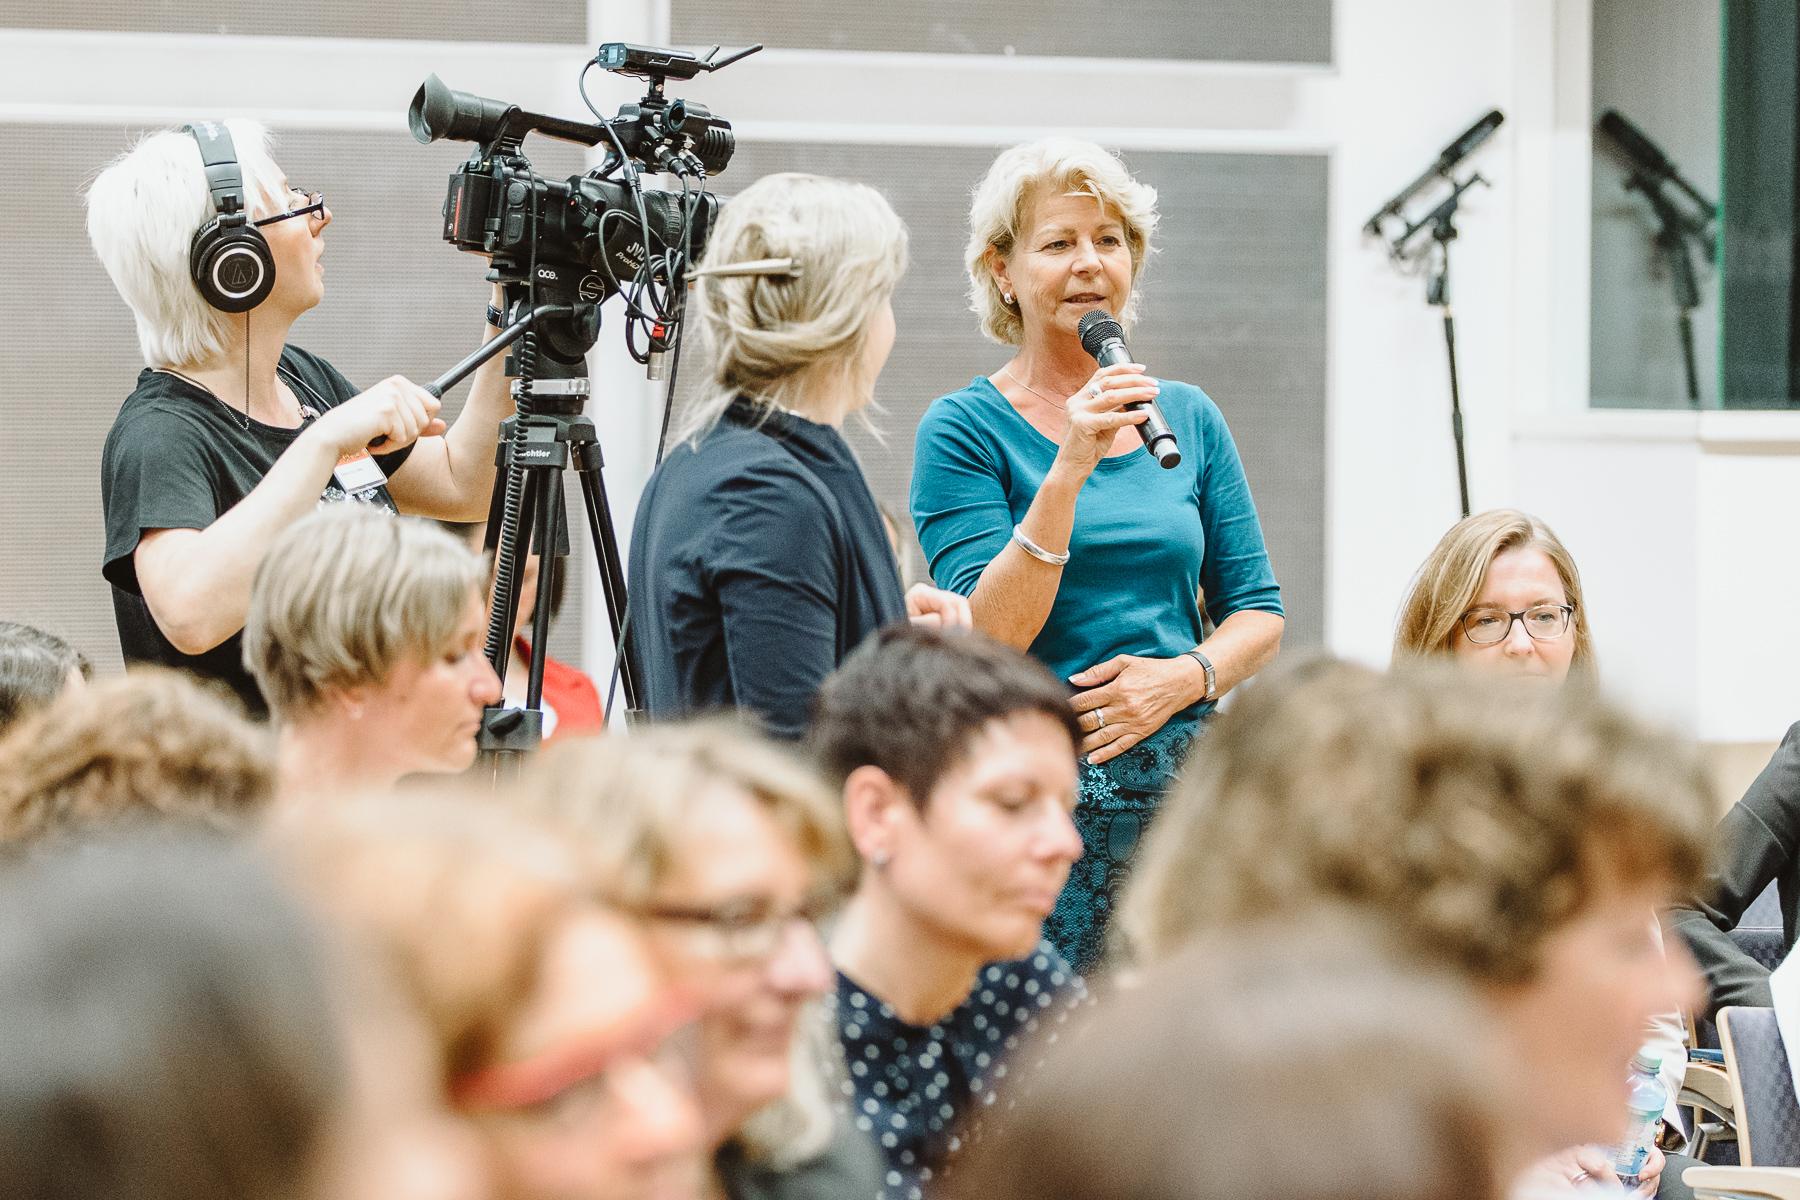 Reportagefotografin - Zuschauerfrage an Sissi Perlinger